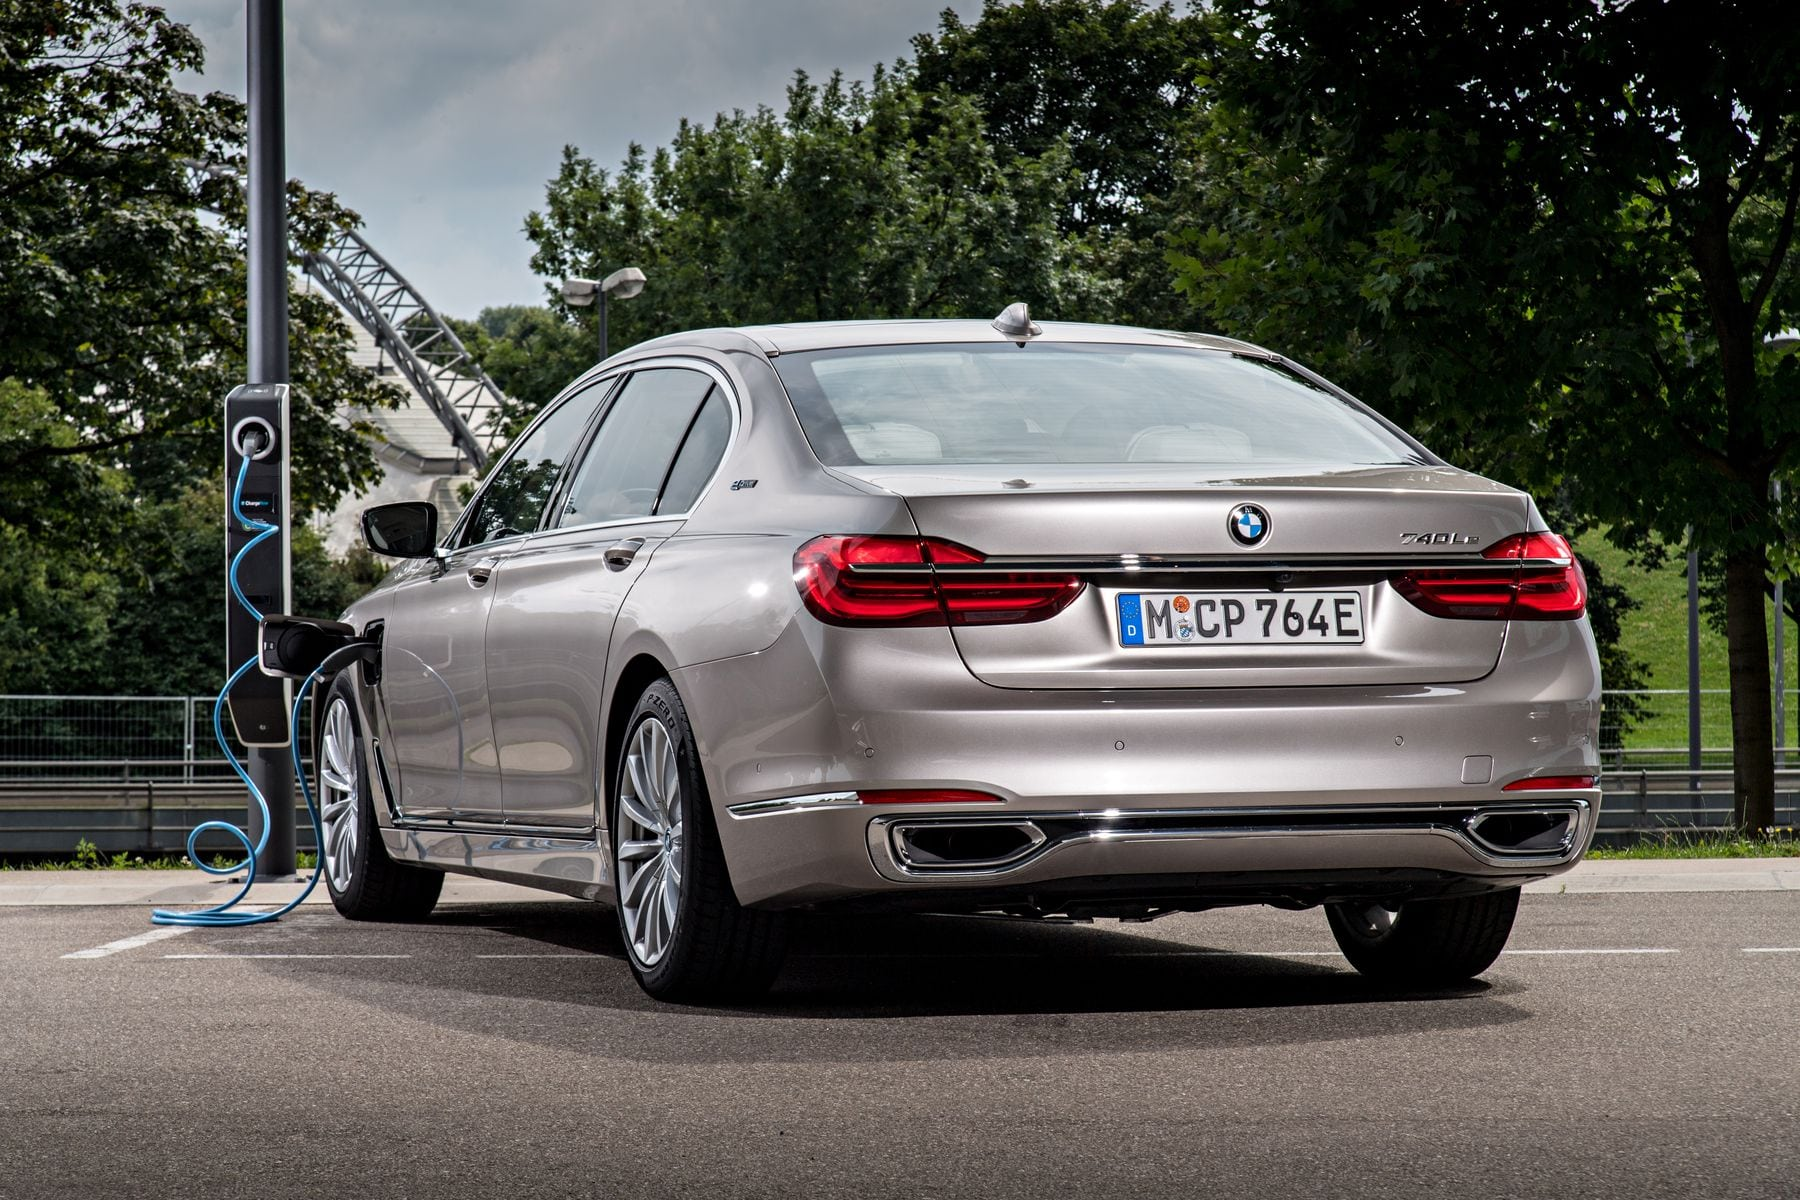 2020 BMW 740Le Concept